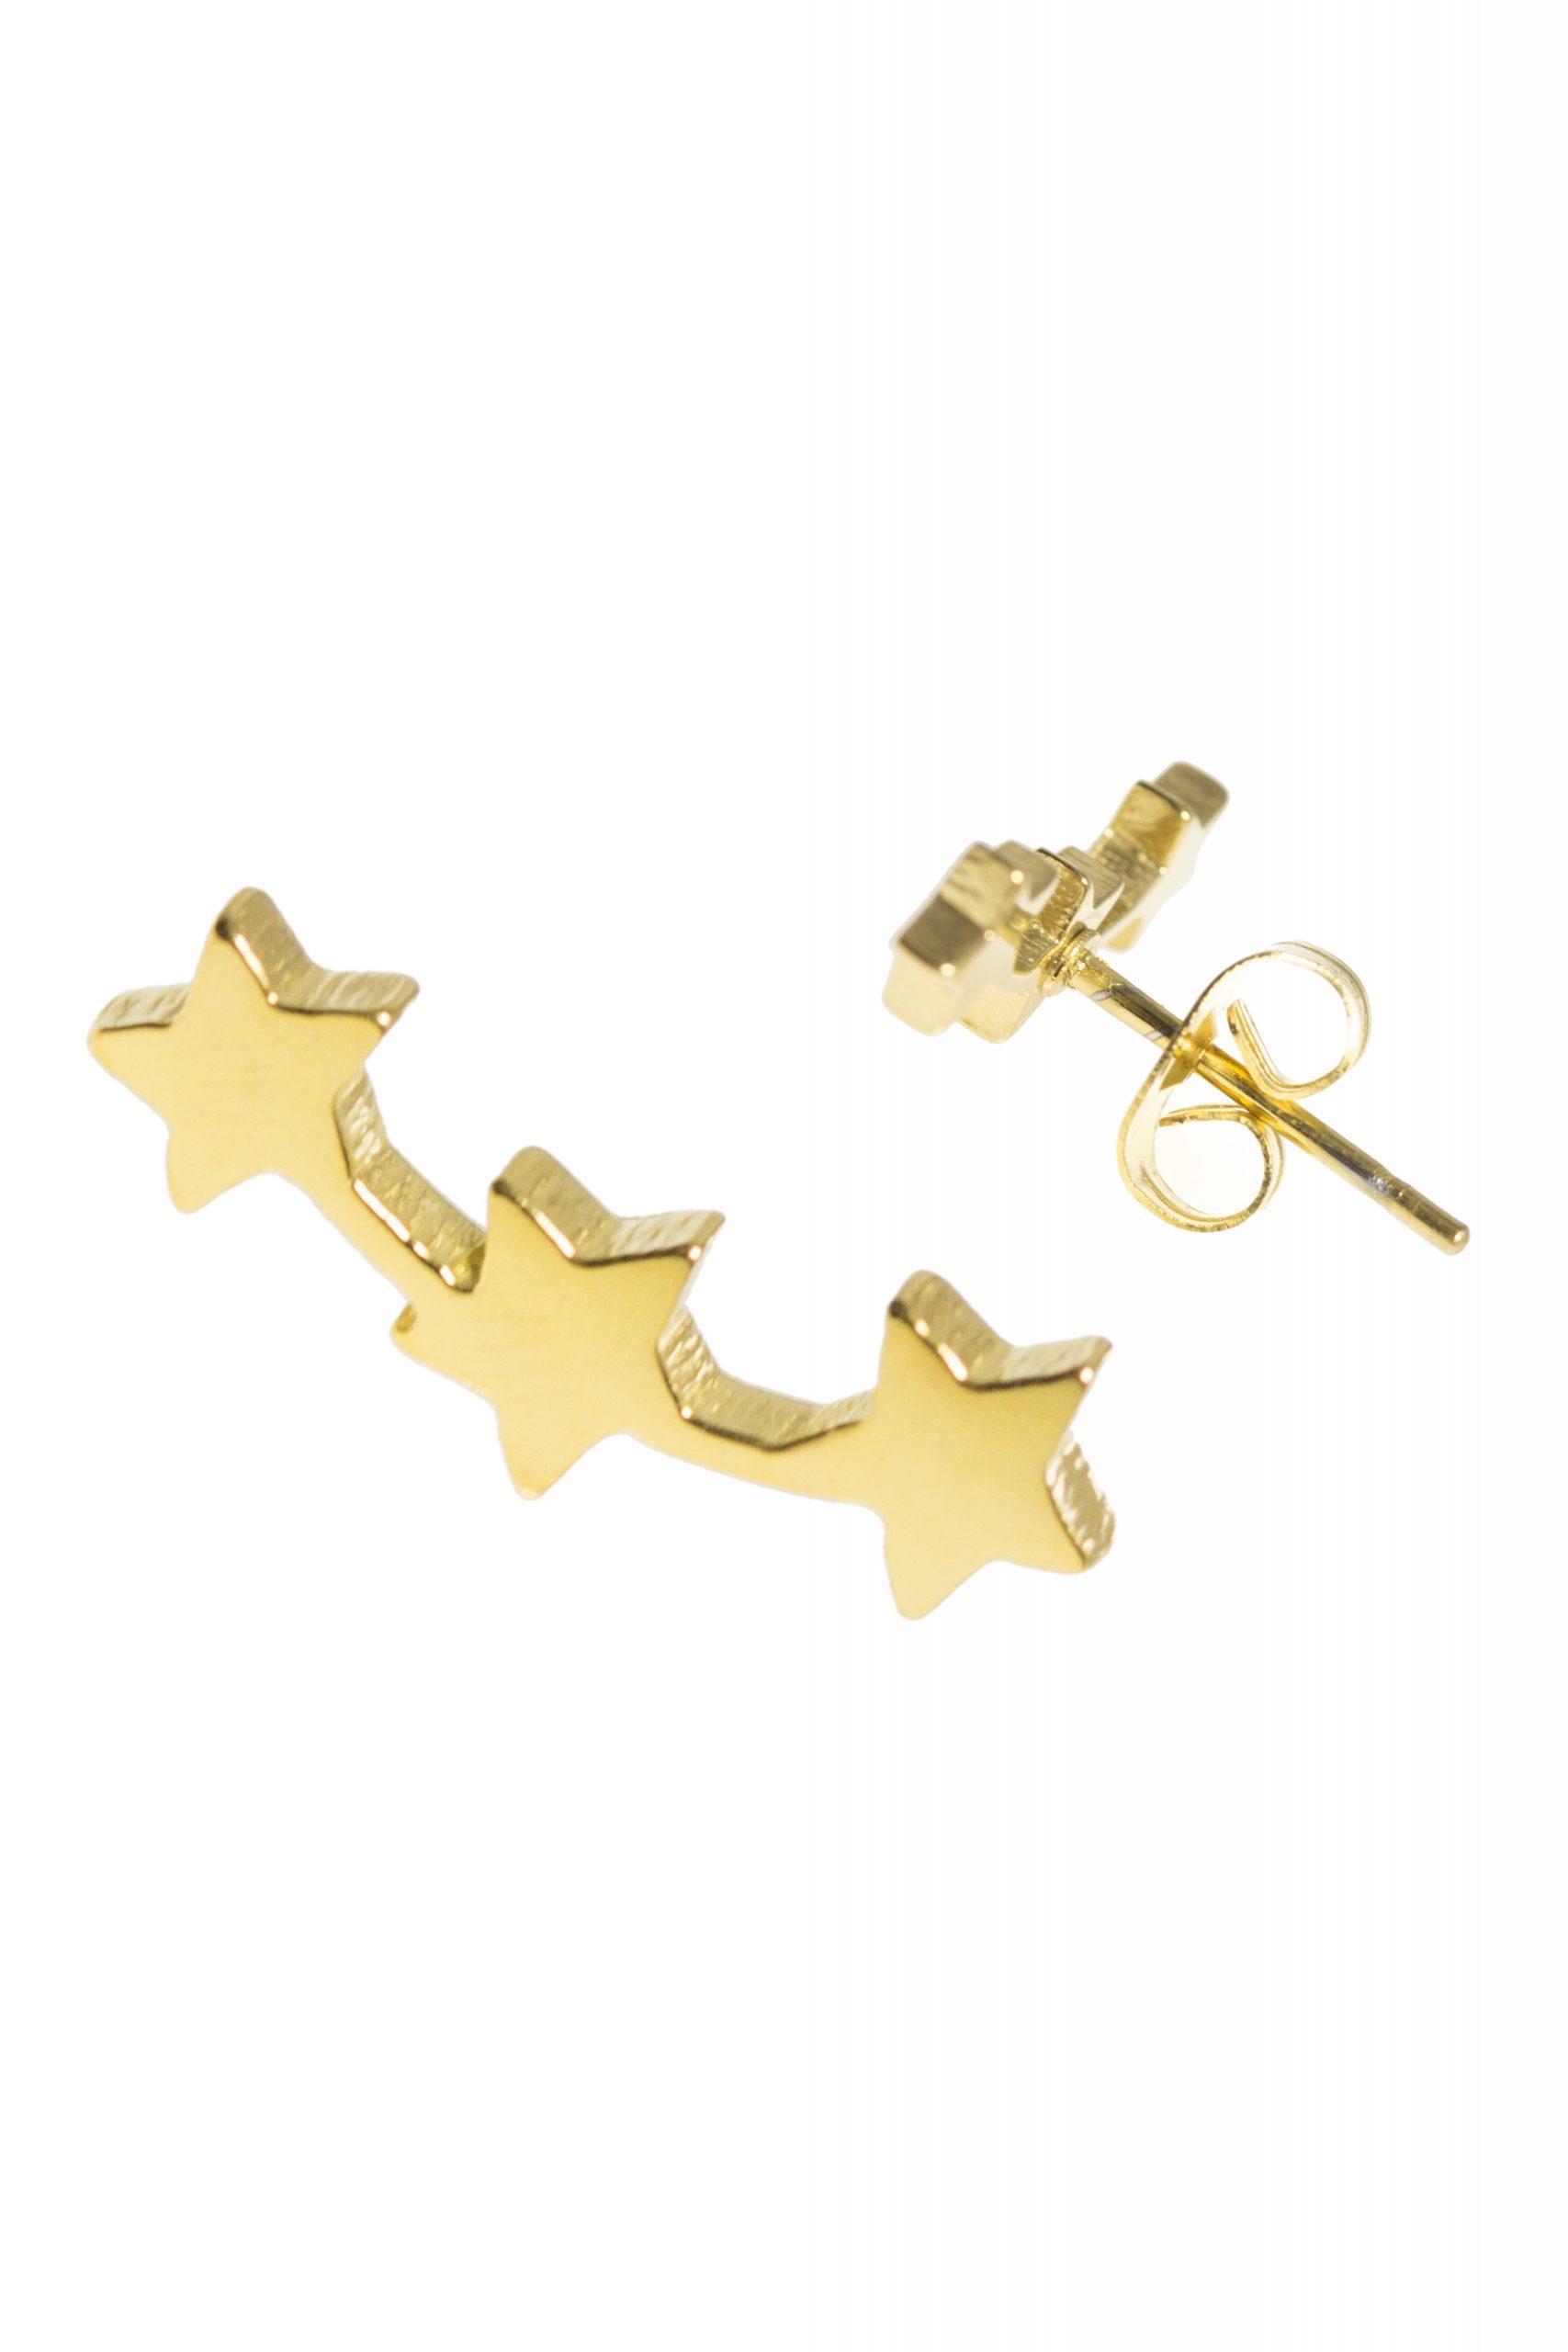 Pendientes-triple-star-1